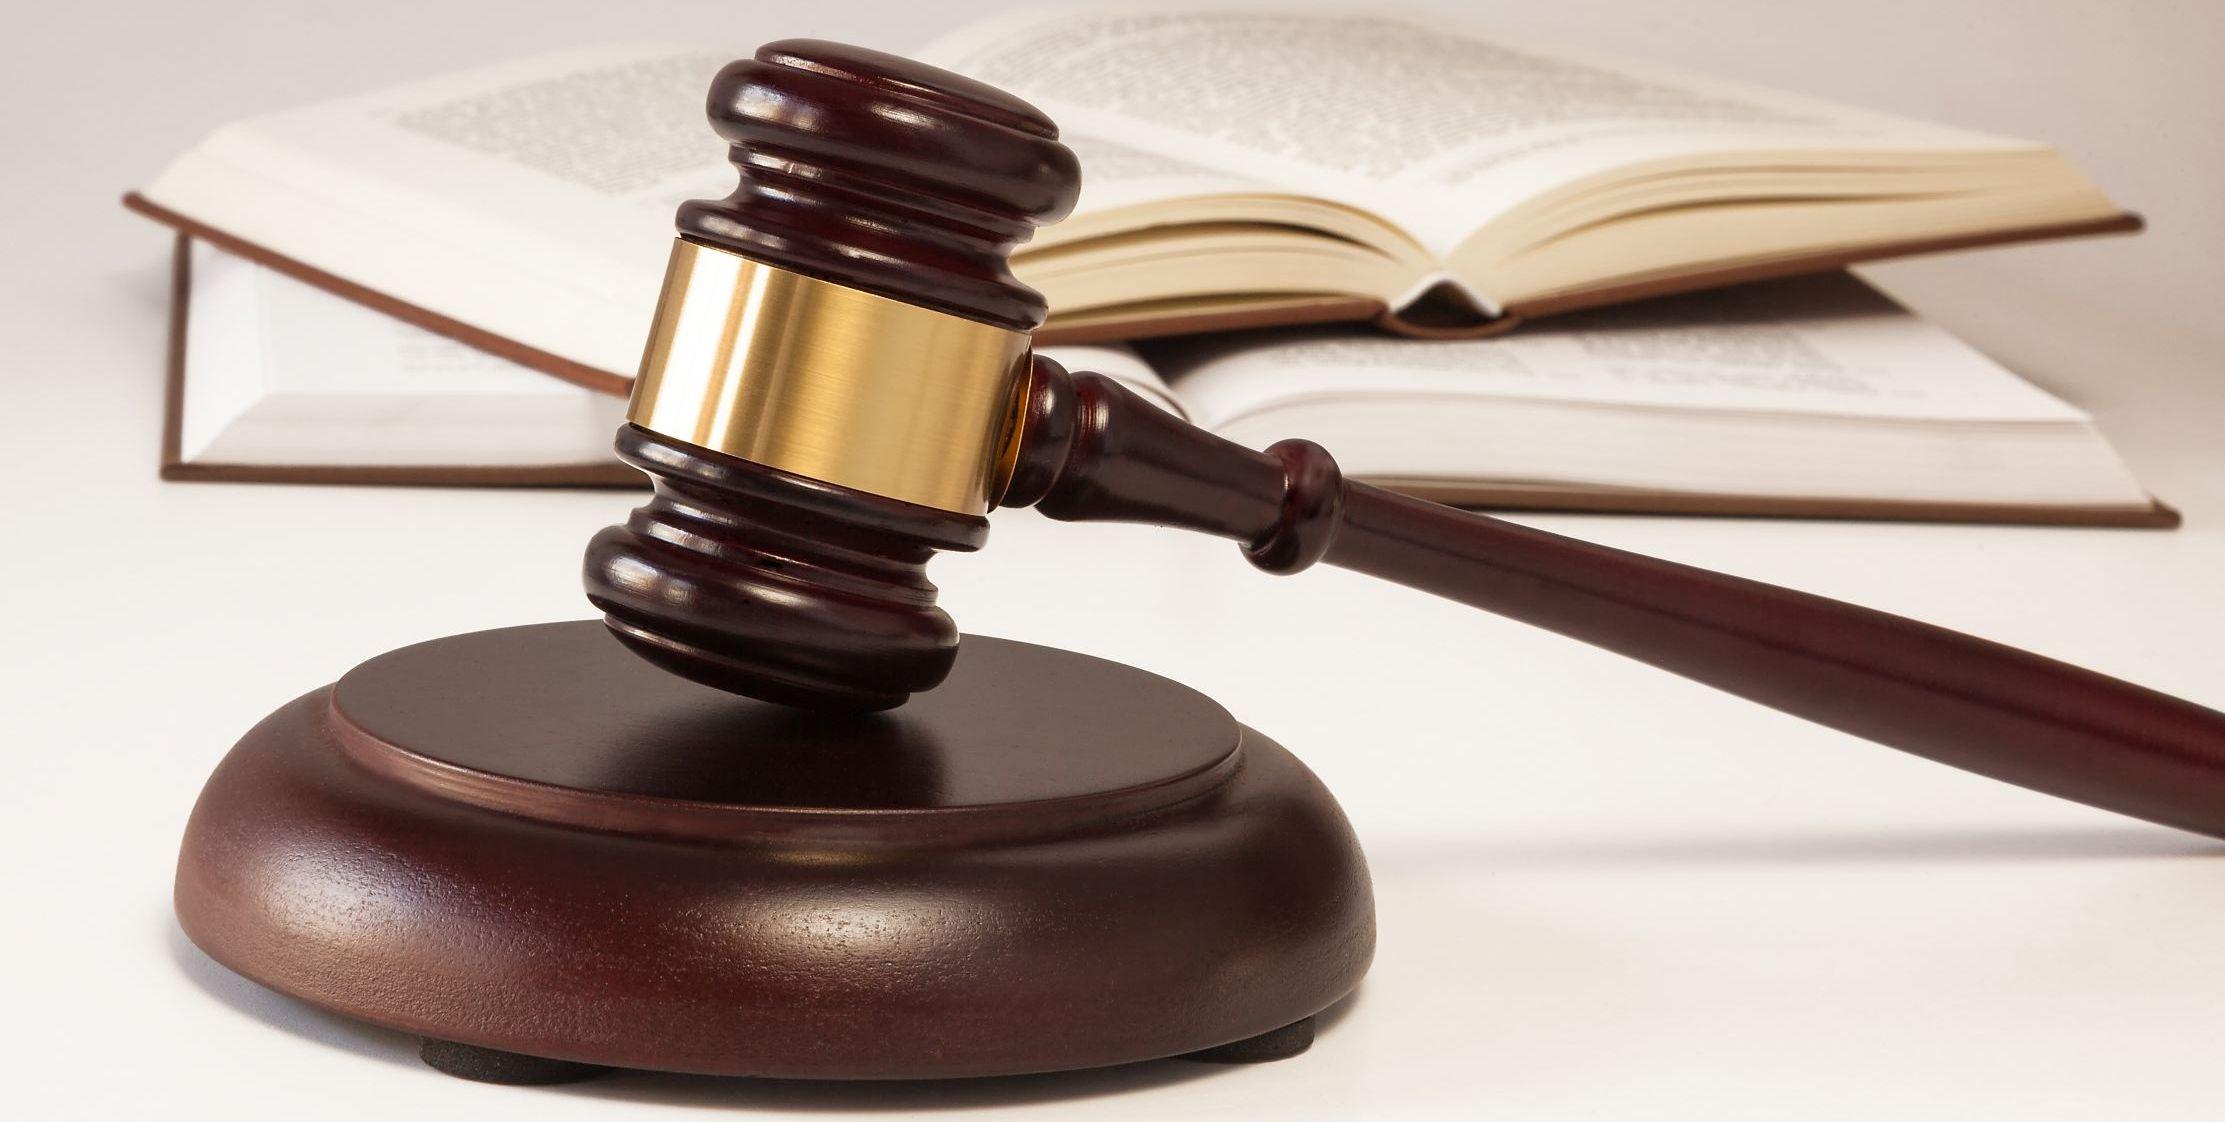 улыбнулся кто в суде оплачивает услуги юриста Выходит